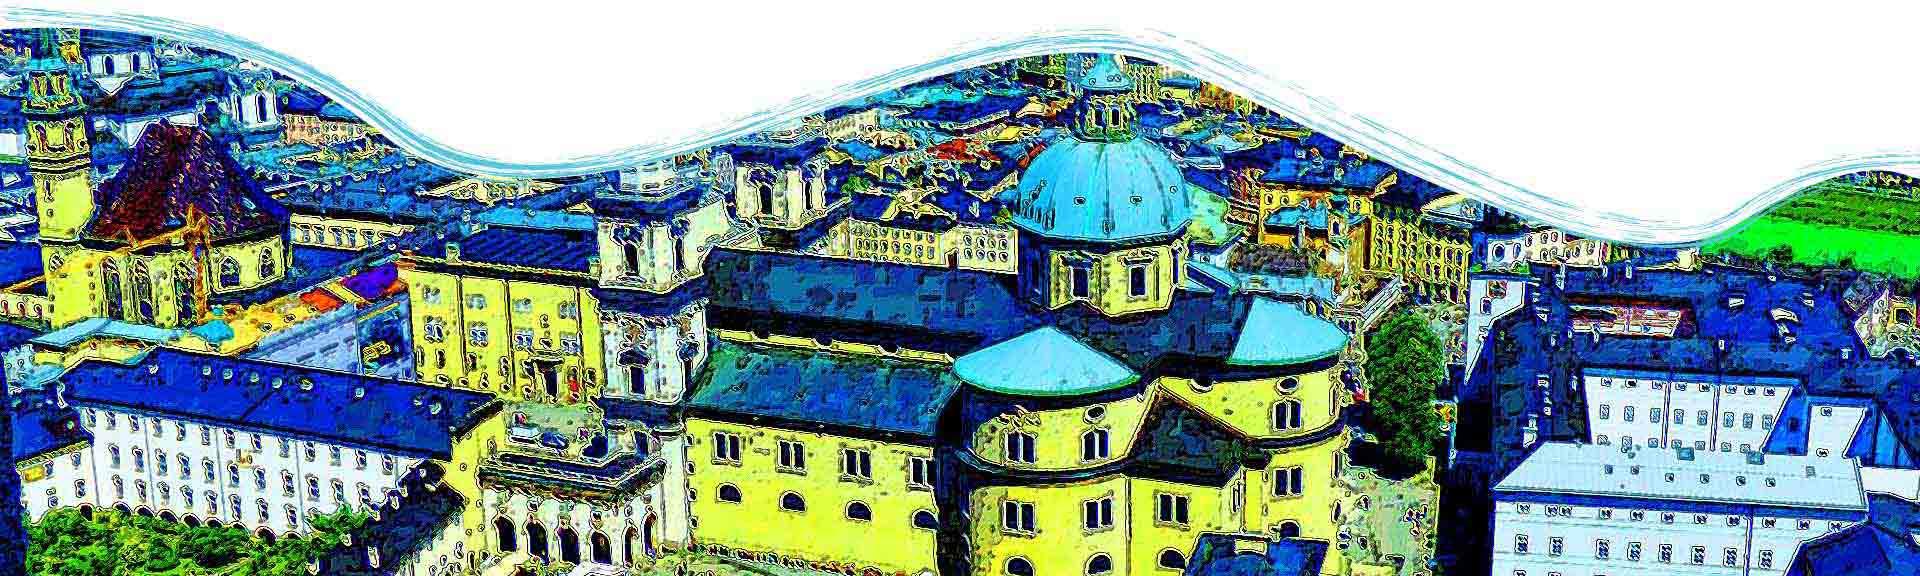 Webdesign Salzburg - Homepageerstellung Salzburg Ursula ZAuner